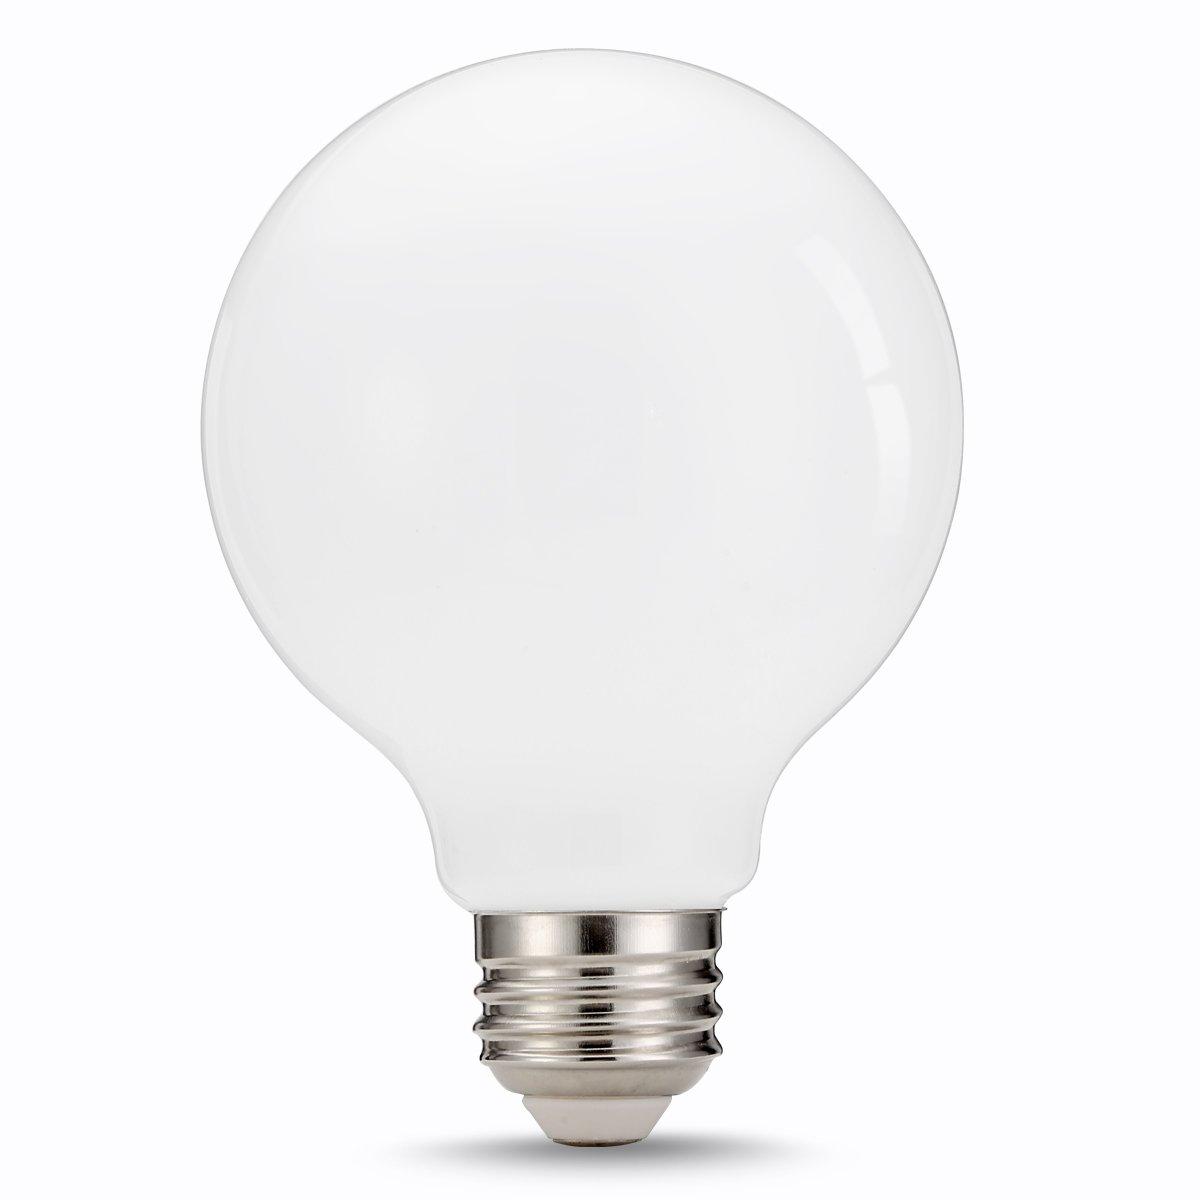 Tgmold 9w g25 led glass ceramic bulb natural white 4000k 60w equivalent for led globe bulbs 360 degrees angles e26 screw base lighting bulb not